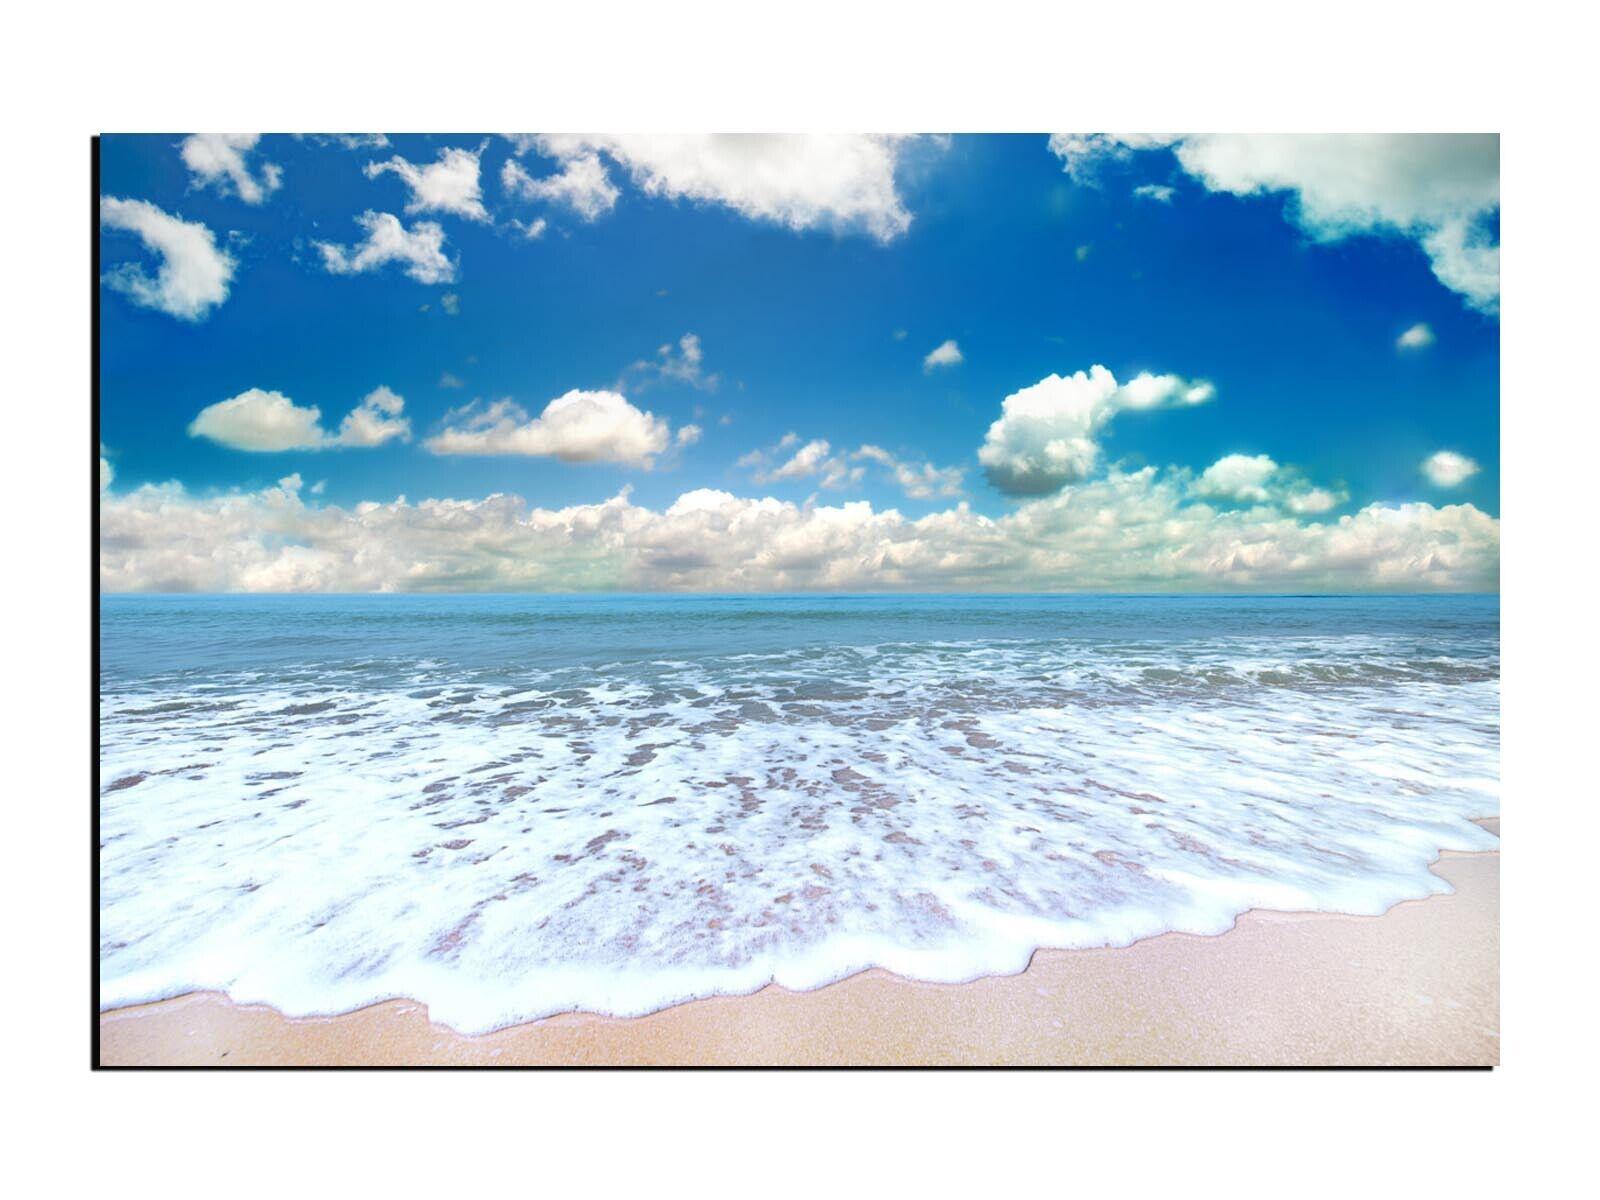 Alu-Dibond Wandbild Strand am Meer Natur Beach Landschaft AB-687 Butlerfinish®